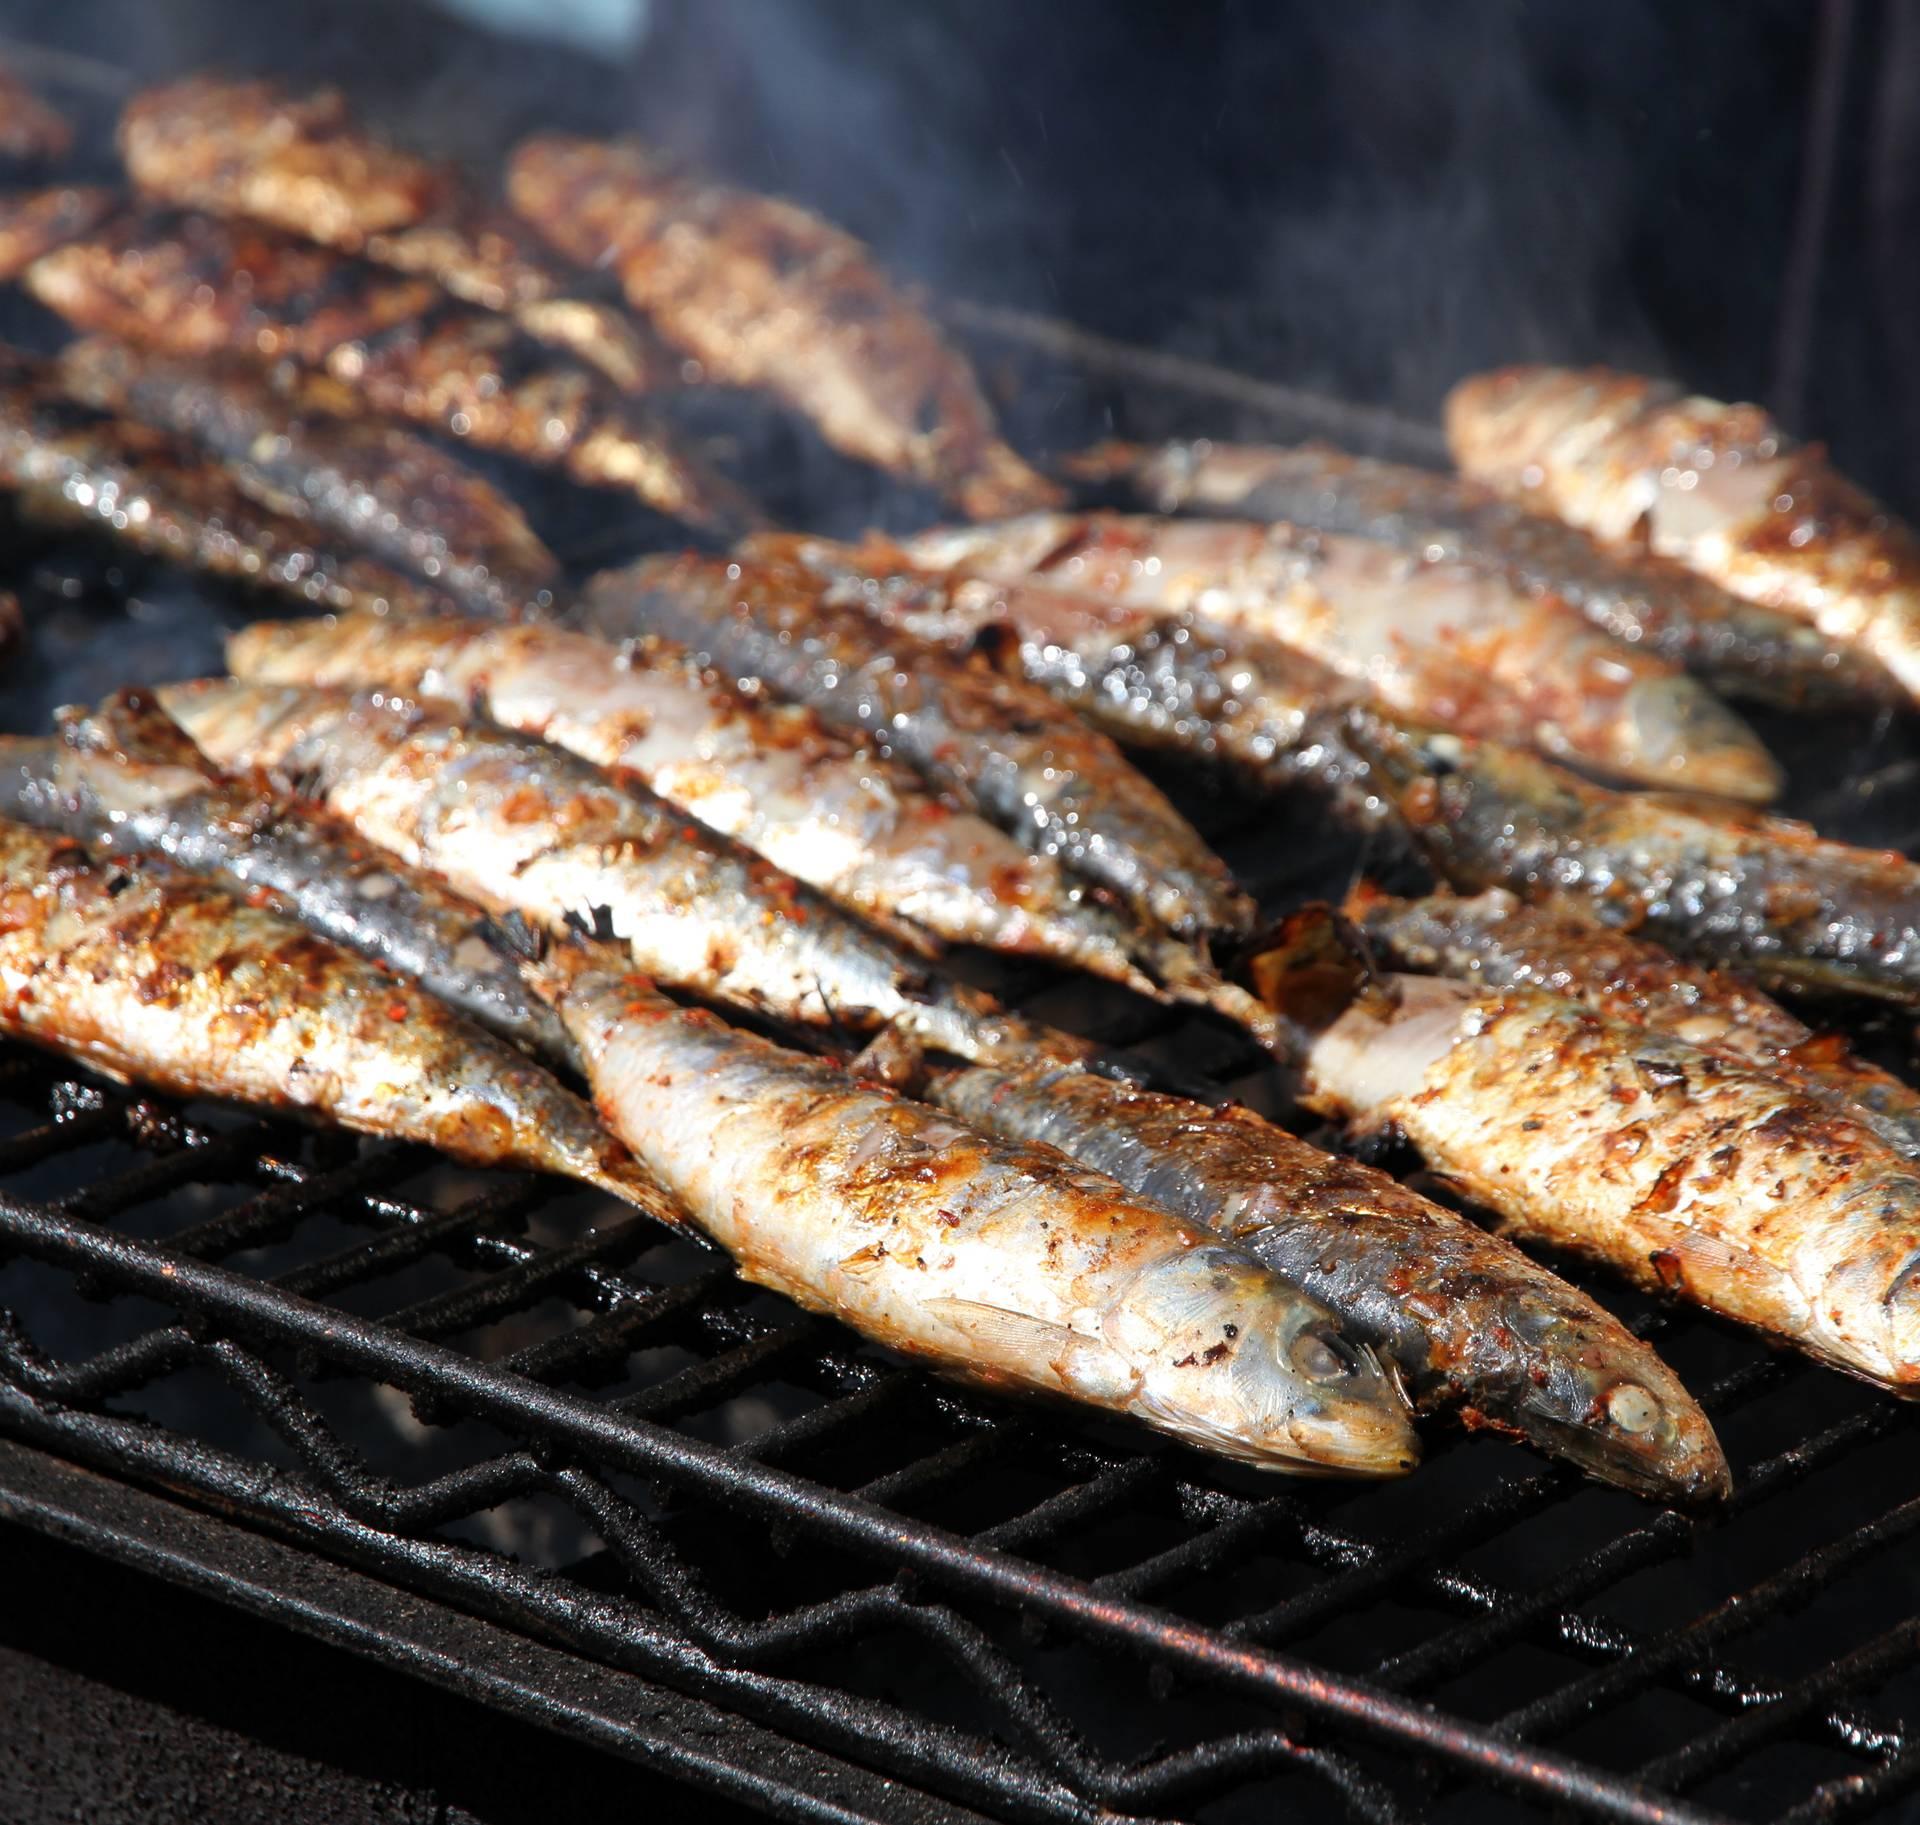 Domišljati trikovi: Riba se više nikada neće lijepiti za roštilj